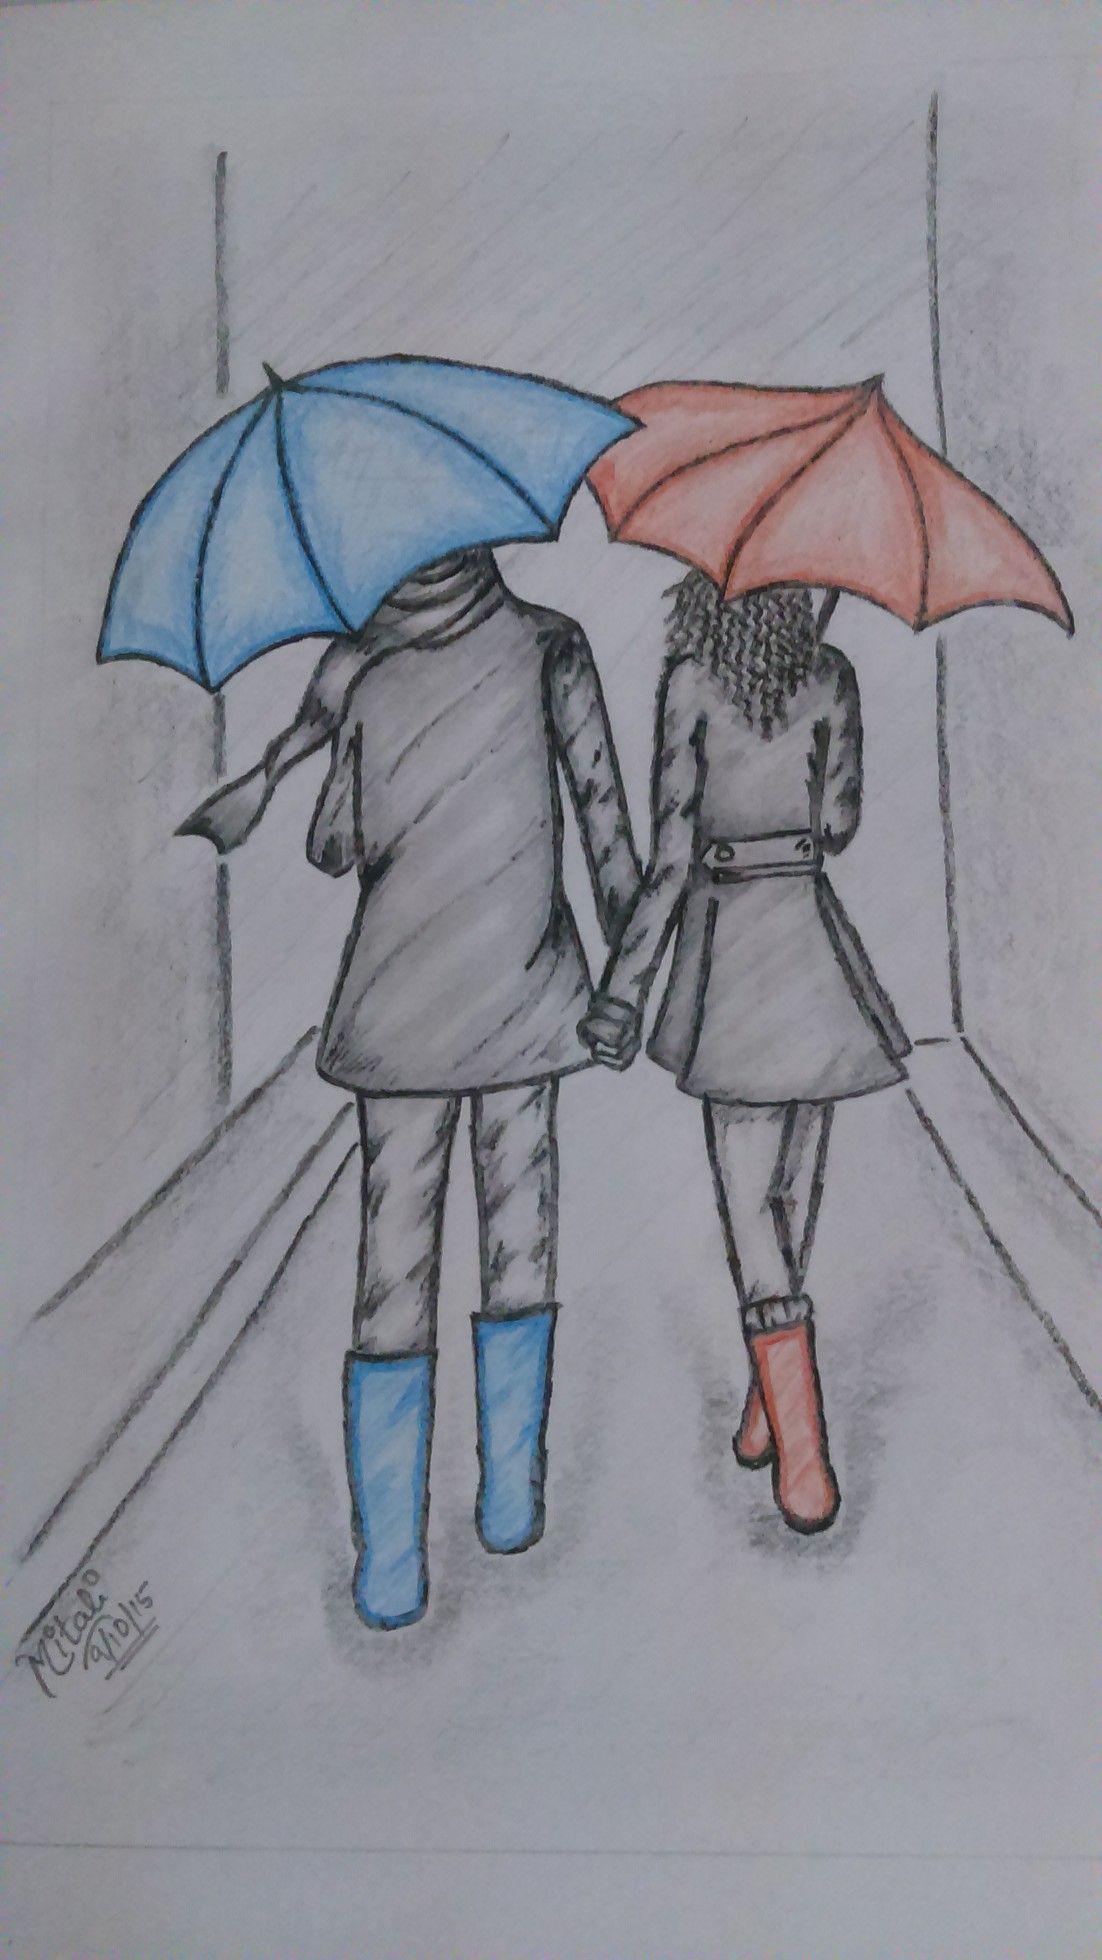 Sketch couple walking in rain sketch pencilsketch colour